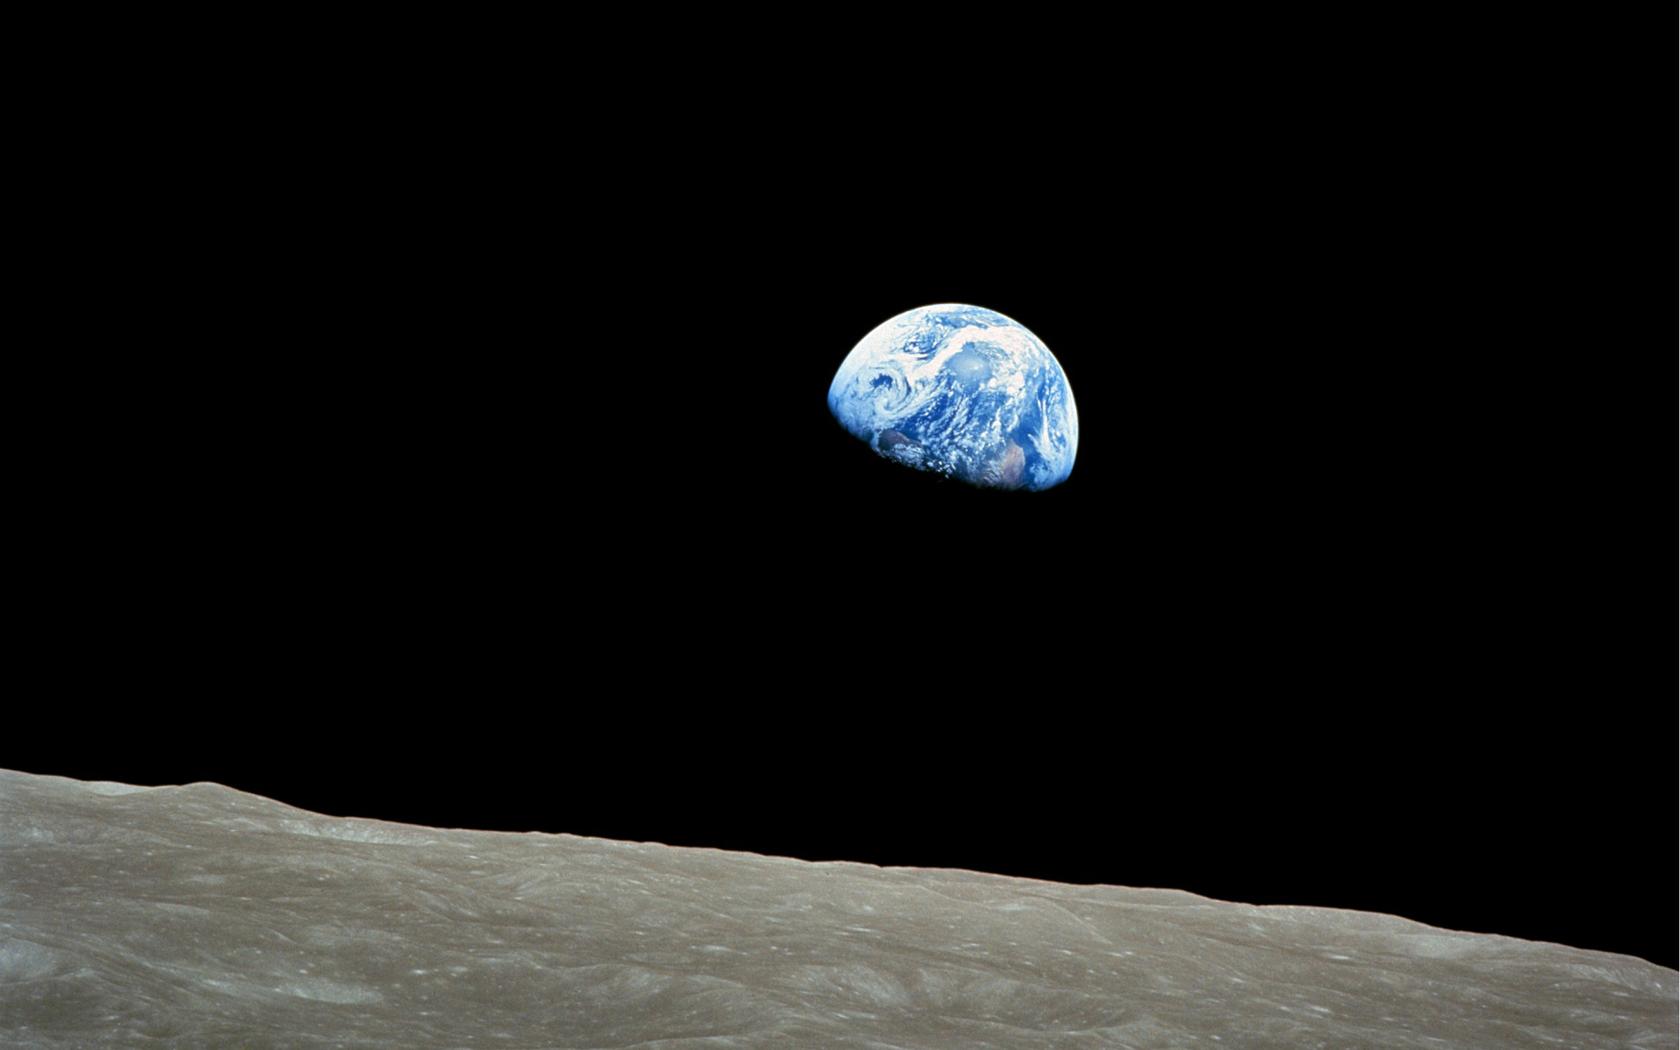 nasa earthrise 1968 - photo #2